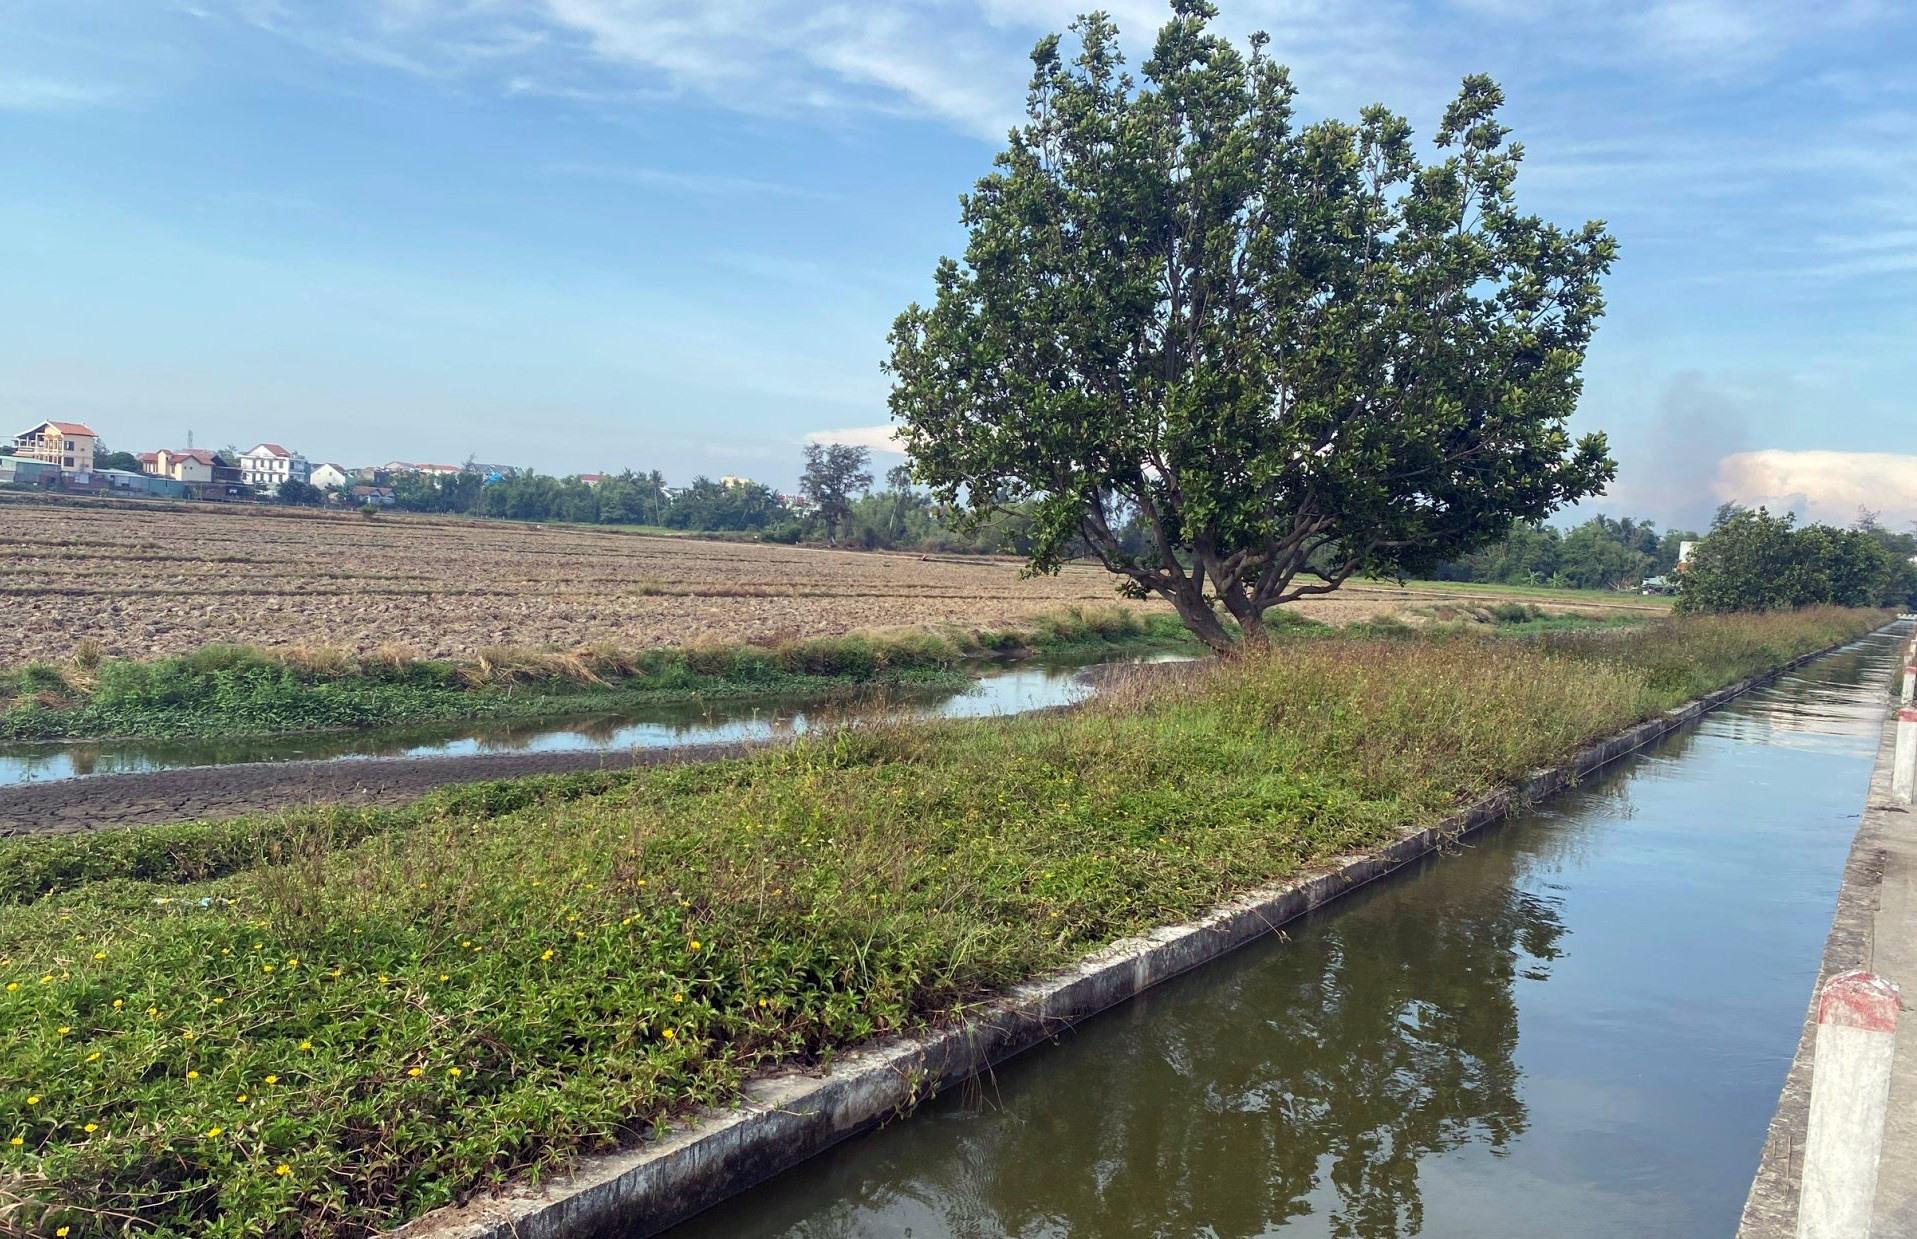 Ngành nông nghiệp Hội An khắc phục kịp thời nguồn nước tưới nhiễm mặn để đảm bảo sản xuất vụ hè thu. Ảnh: MỸ LỆ